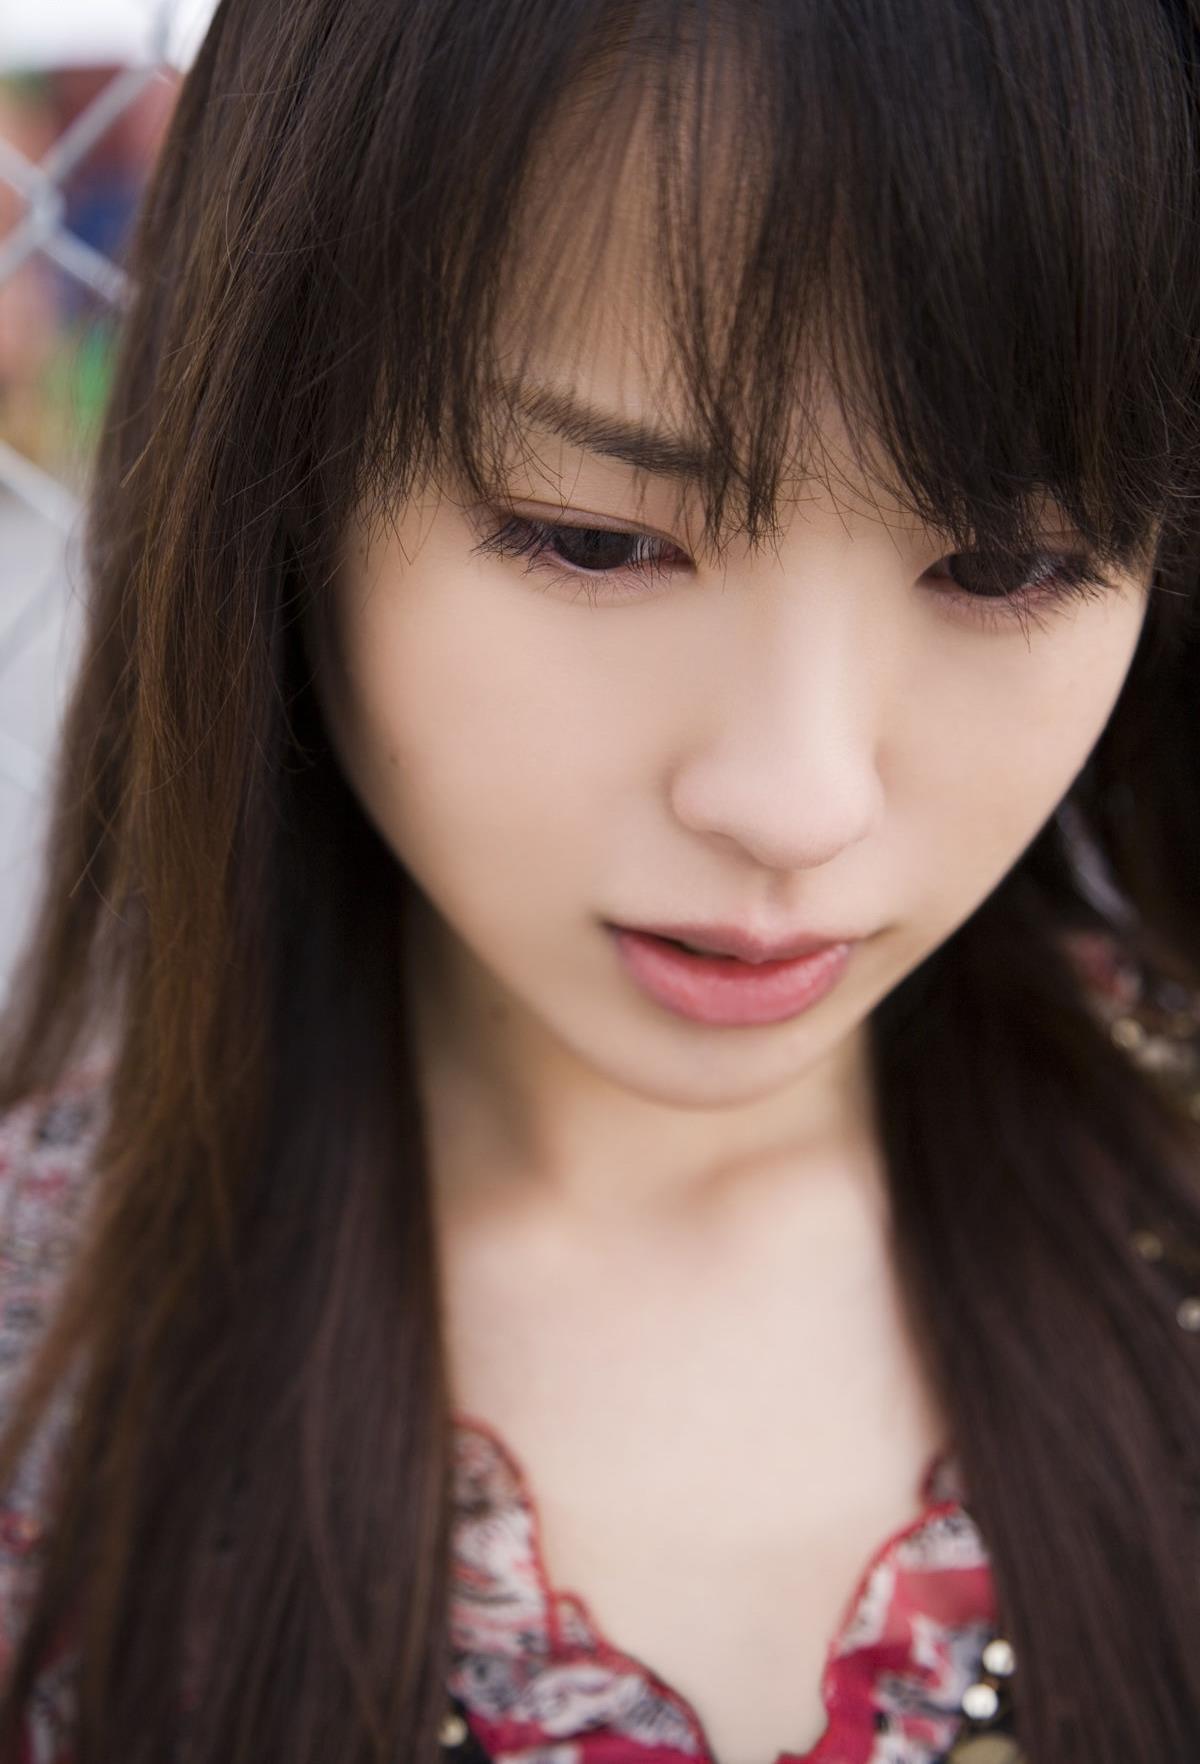 戸田恵梨香 エロ画像 107